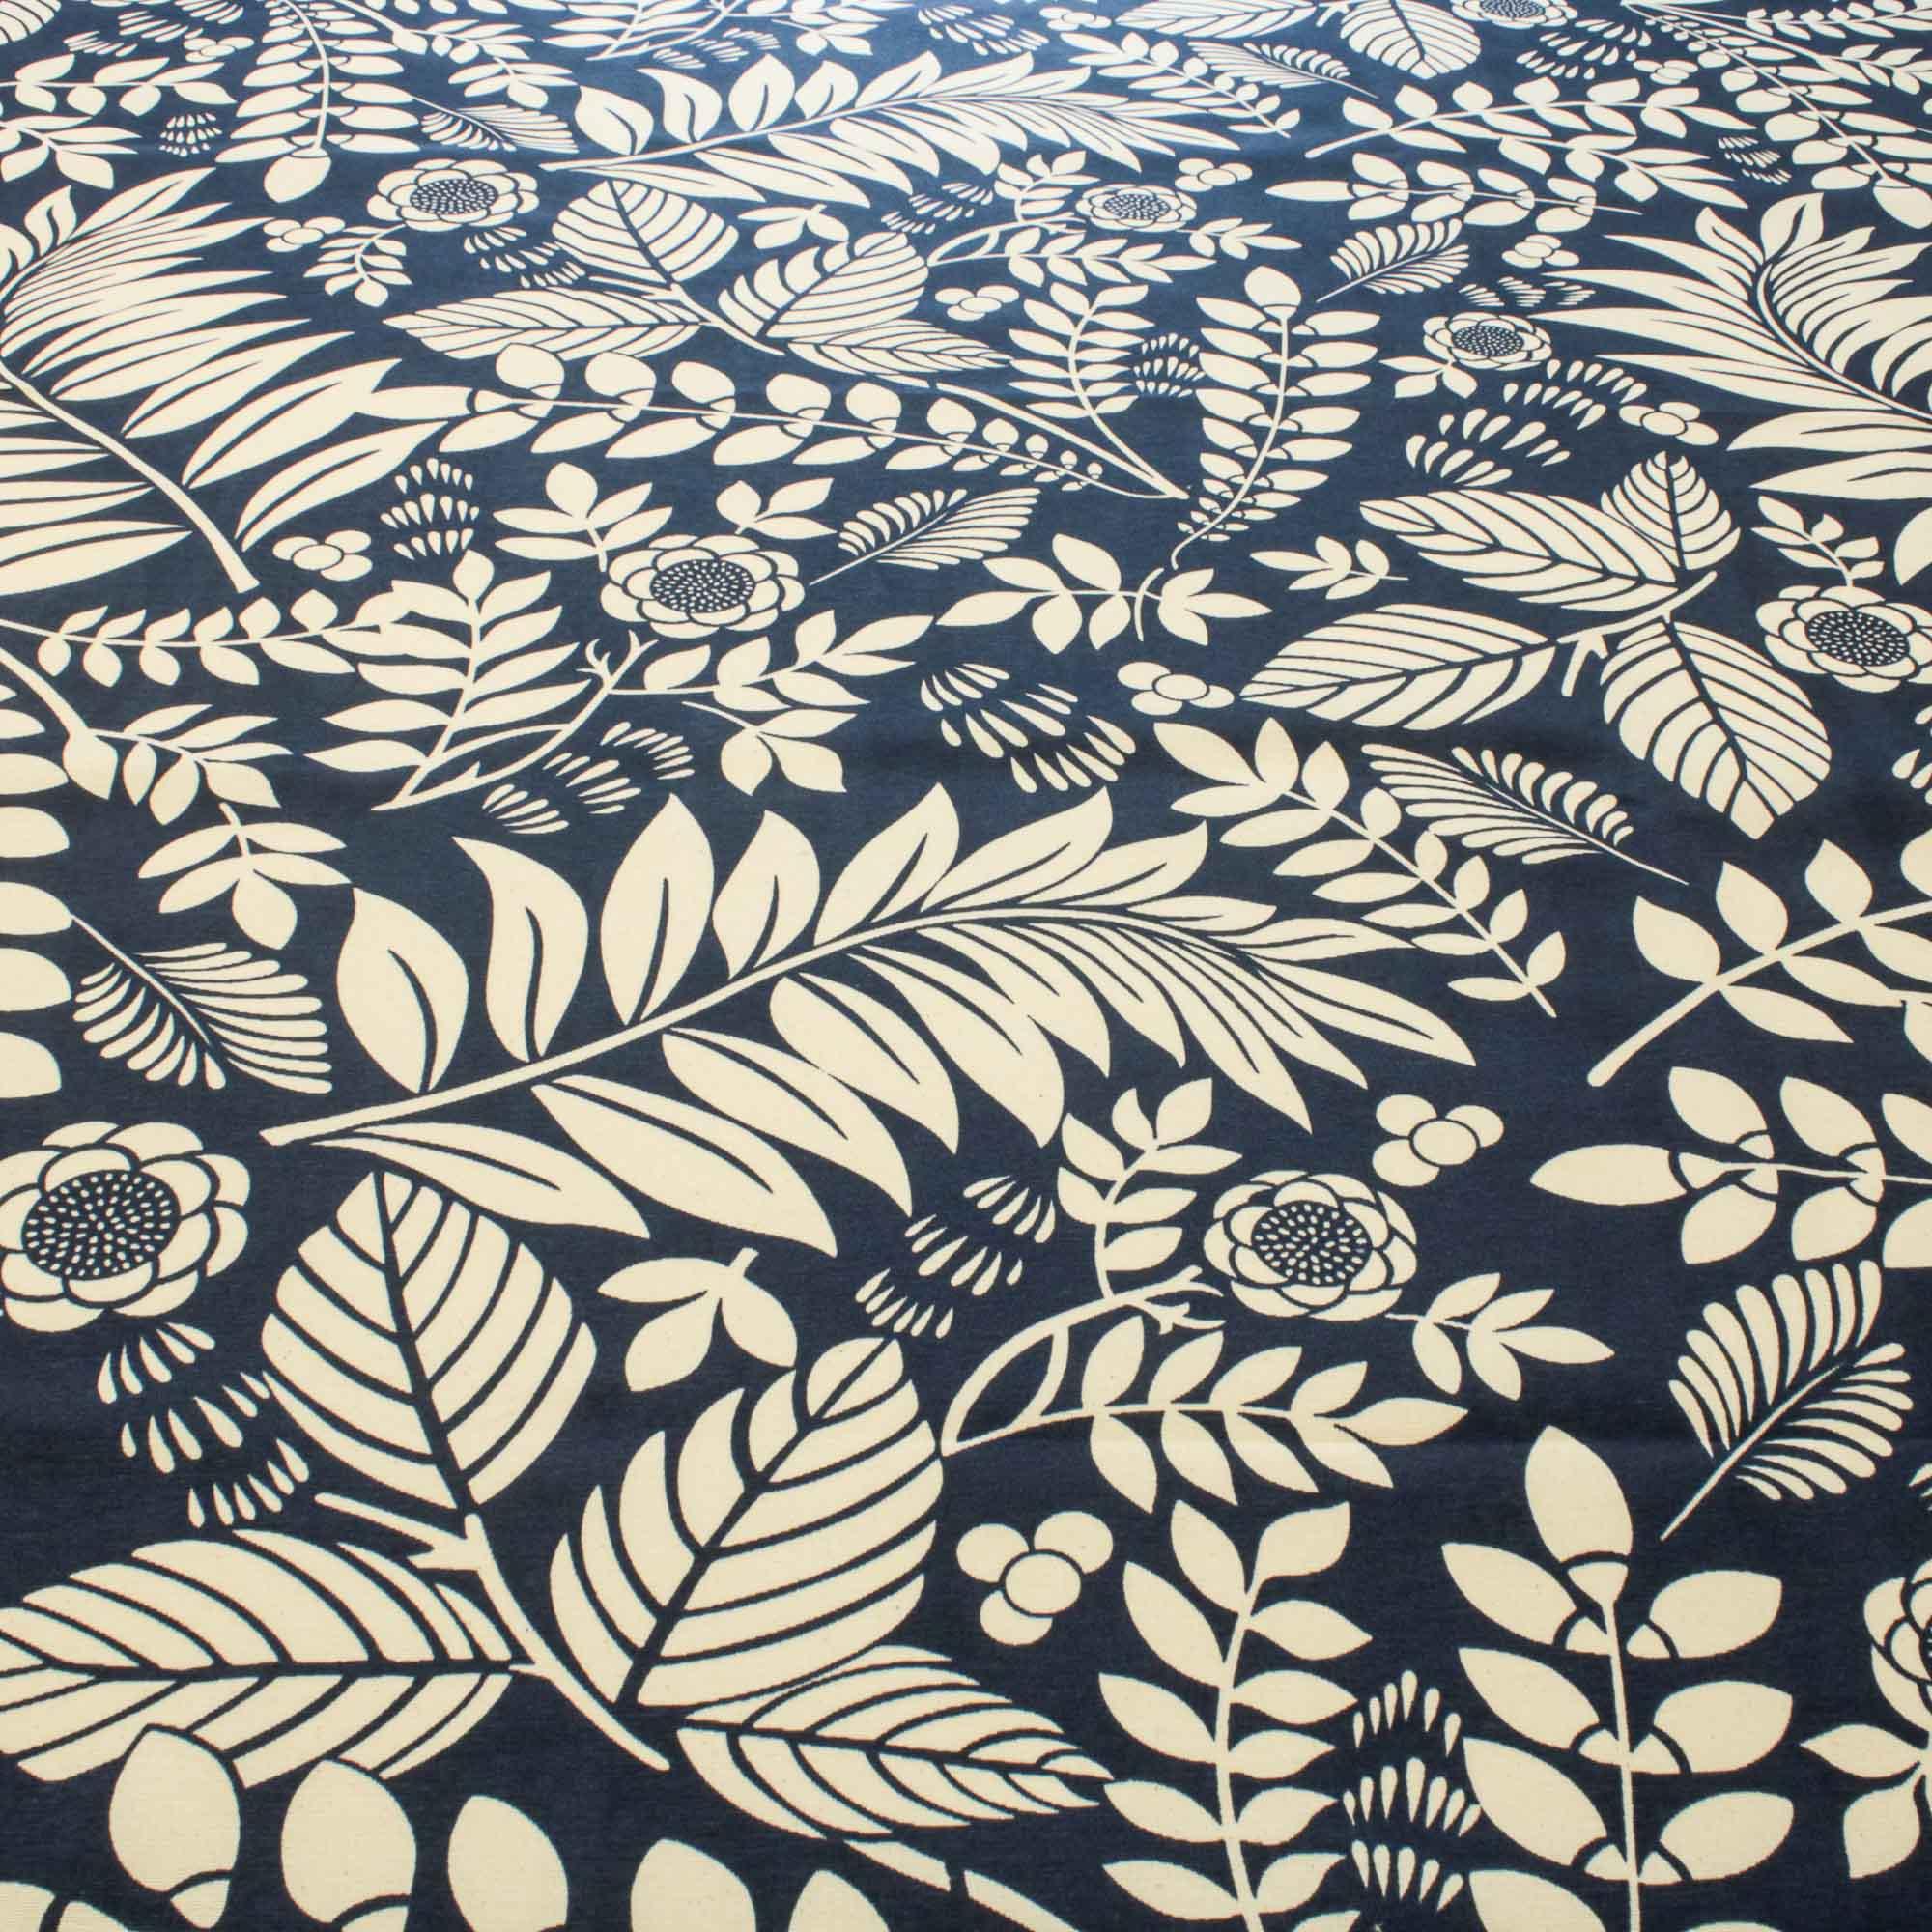 Tecido Decoração Estampado Folhas 1,42 Mt Largura Marinho